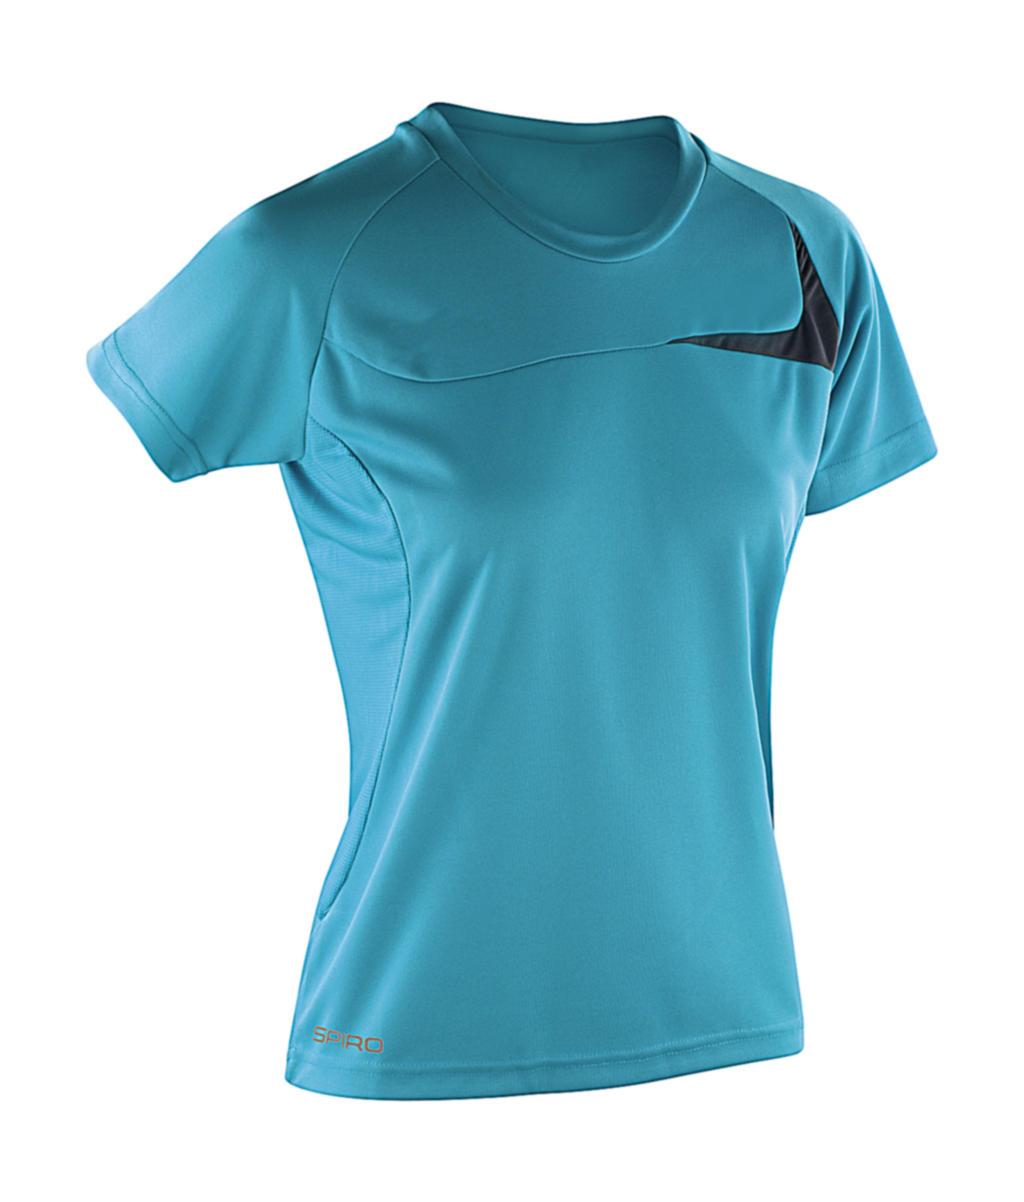 Dámská tréninková košile Spiro Dash - zvìtšit obrázek